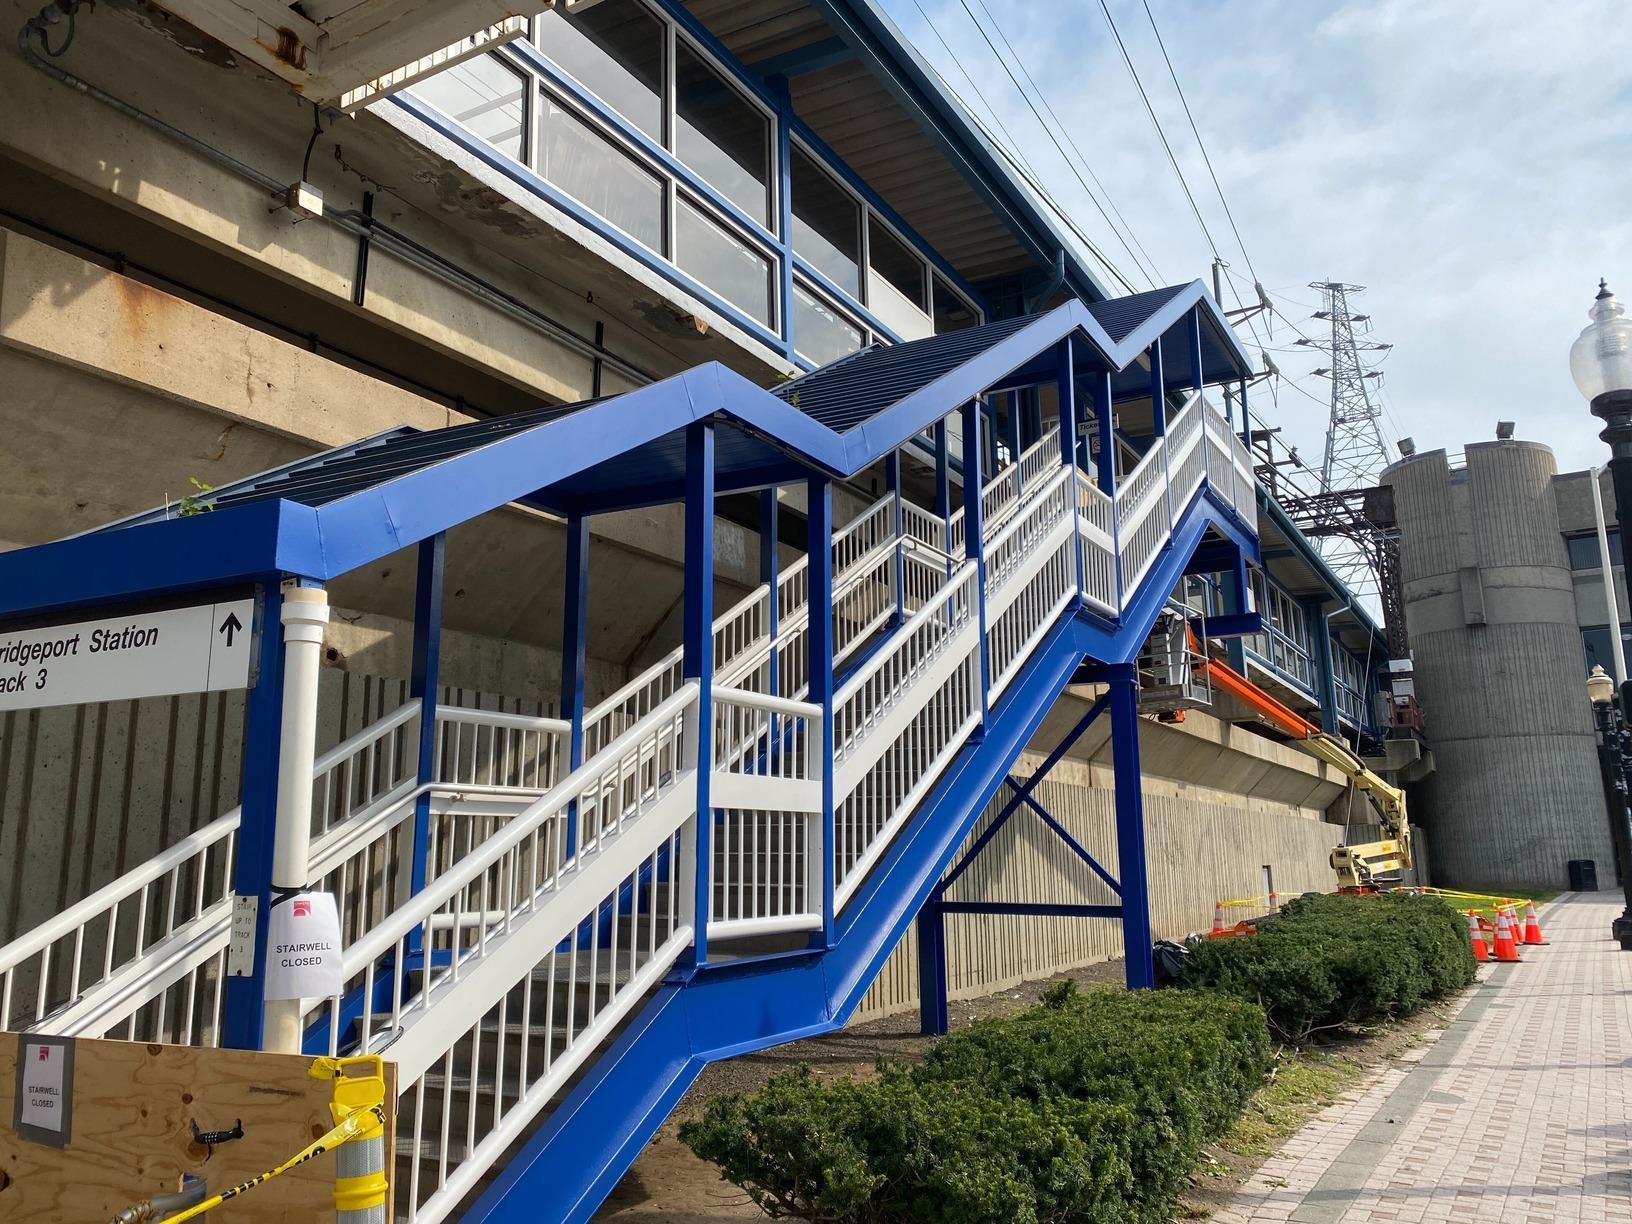 Bridgeport Train Station Stairwell - After Photo